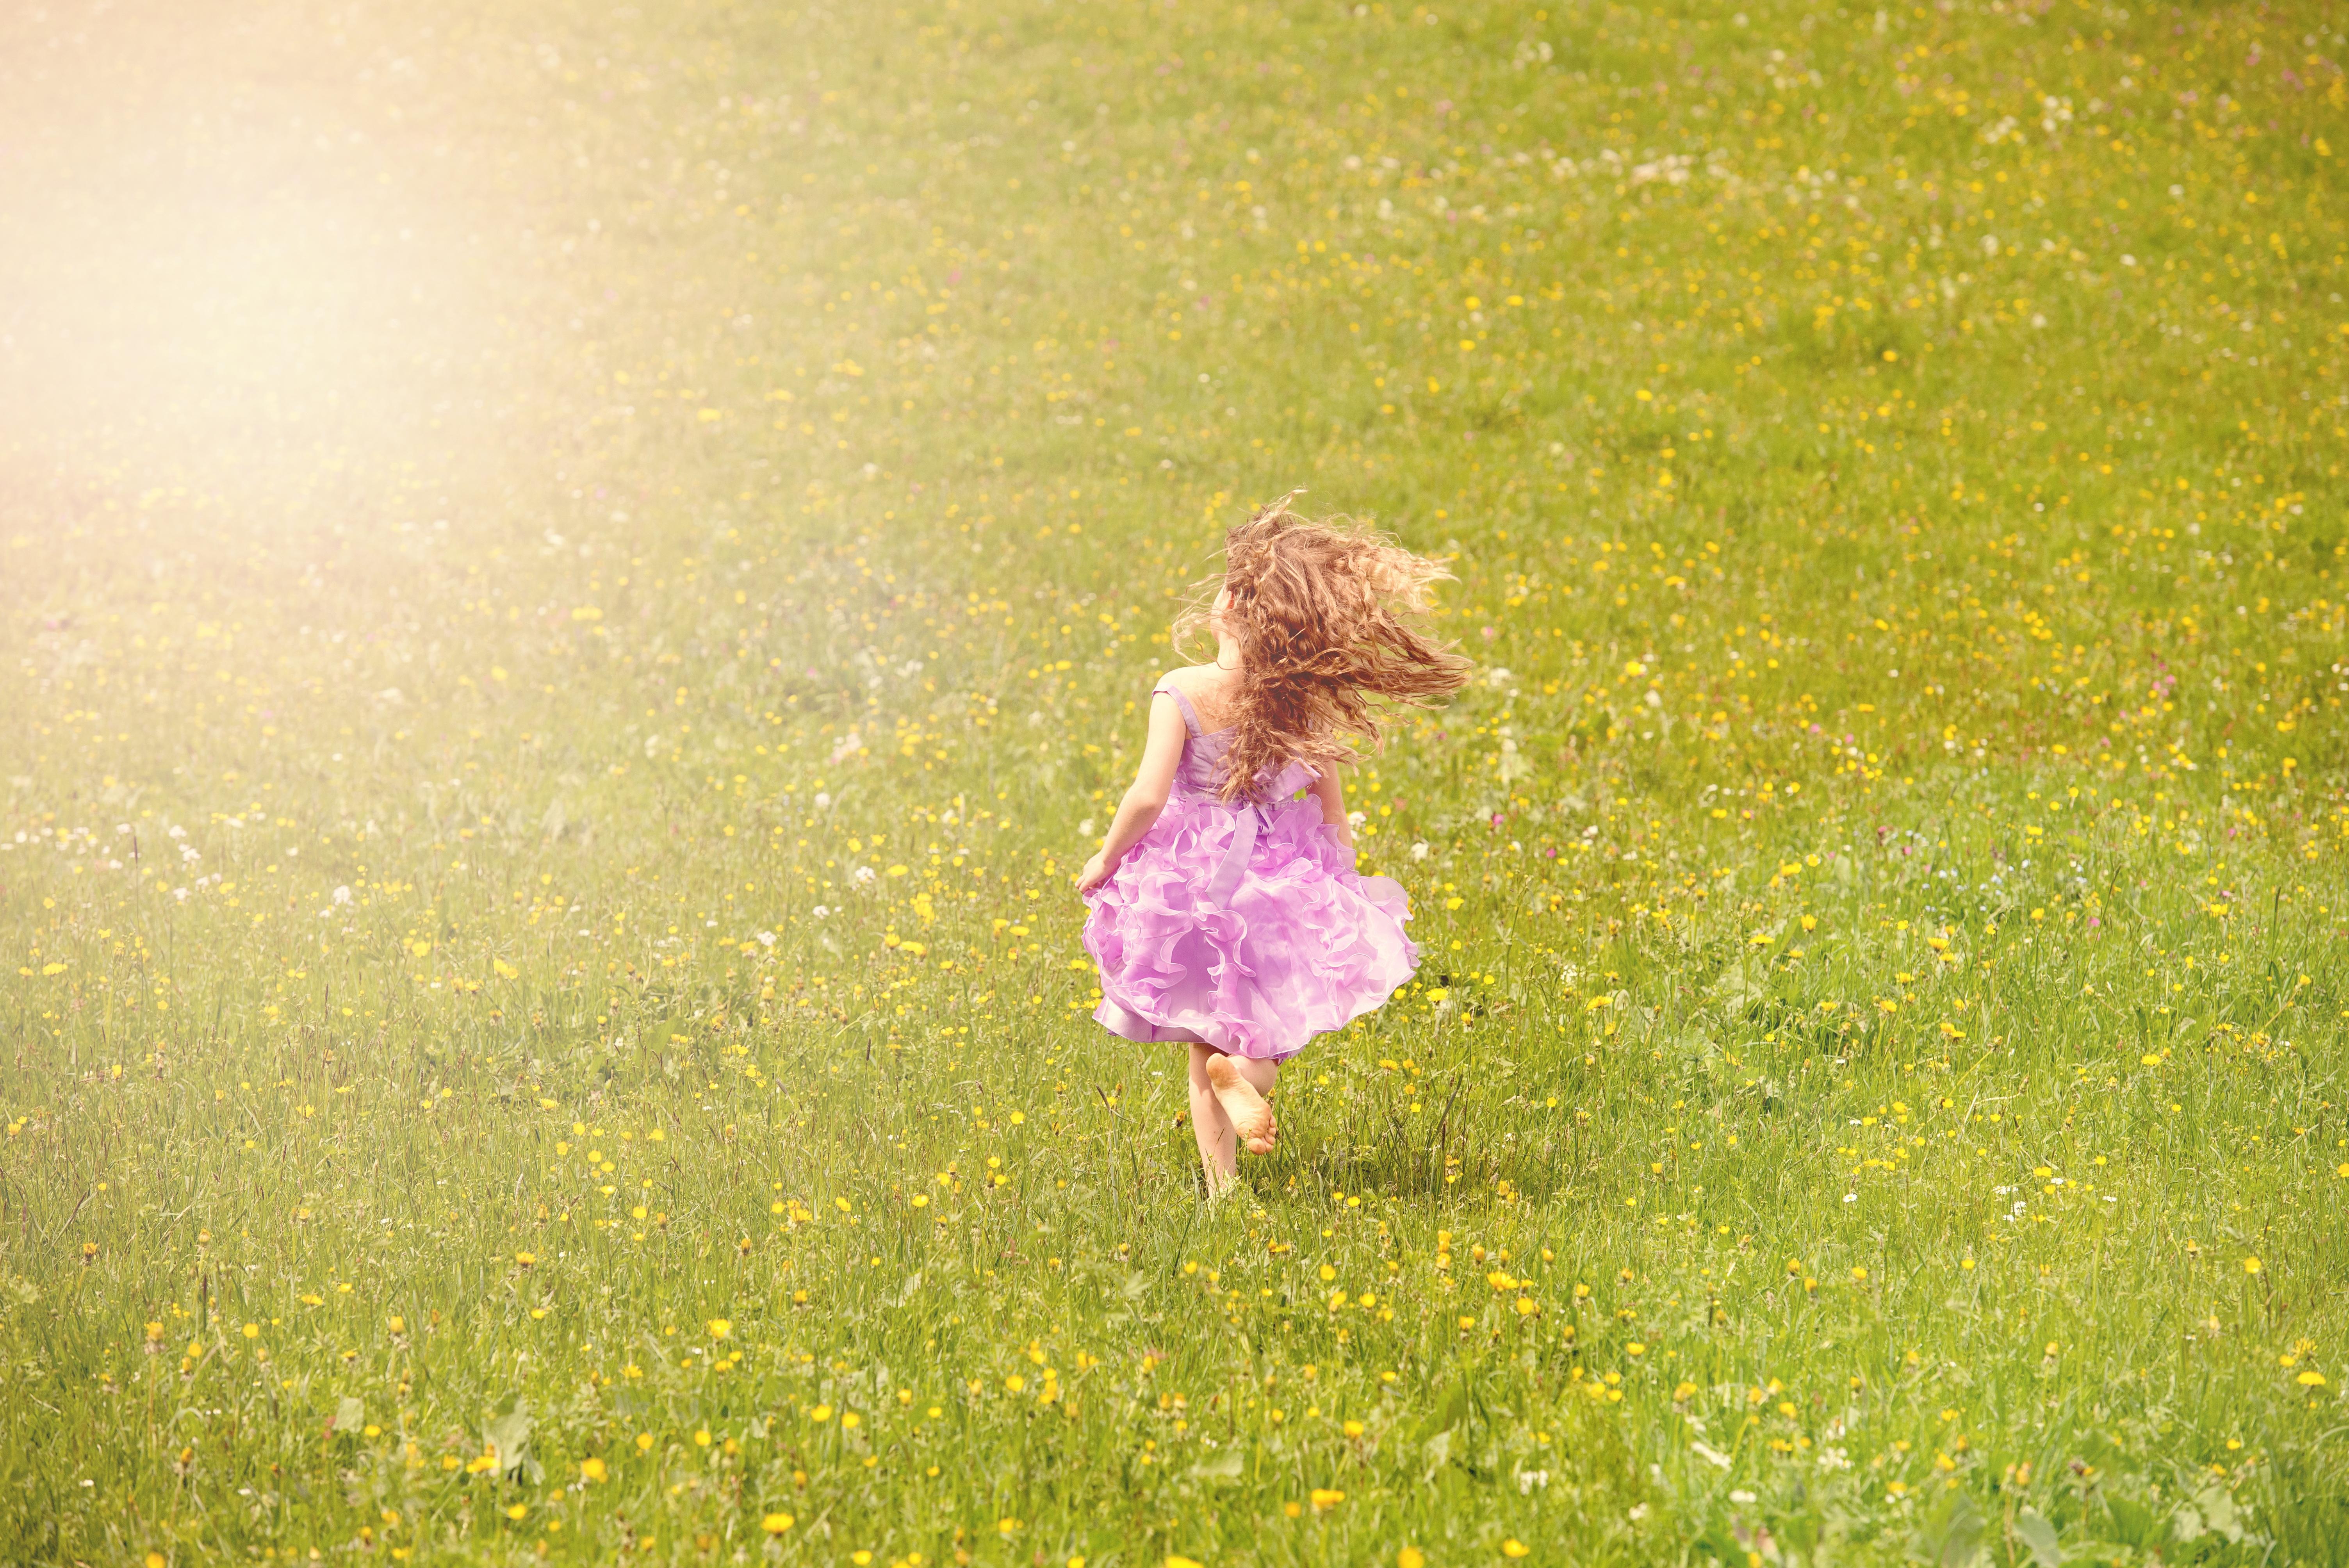 Картинка девочки убегающей